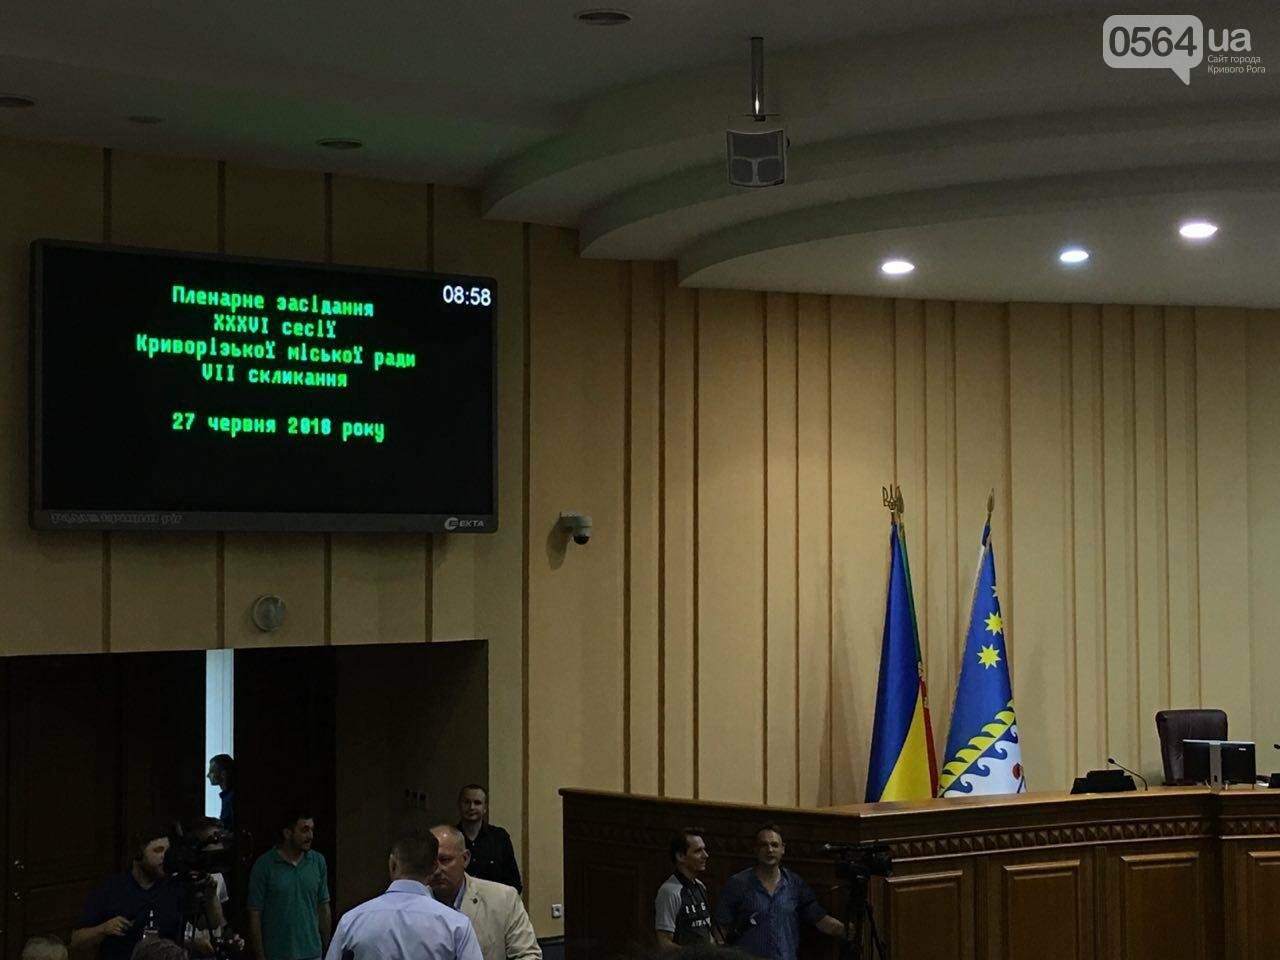 Криворожские депутаты обсудят вопрос премирования мэра и его заместителей, тариф на проезд в маршрутках и поддержку бизнесменов, - ФОТО, фото-5